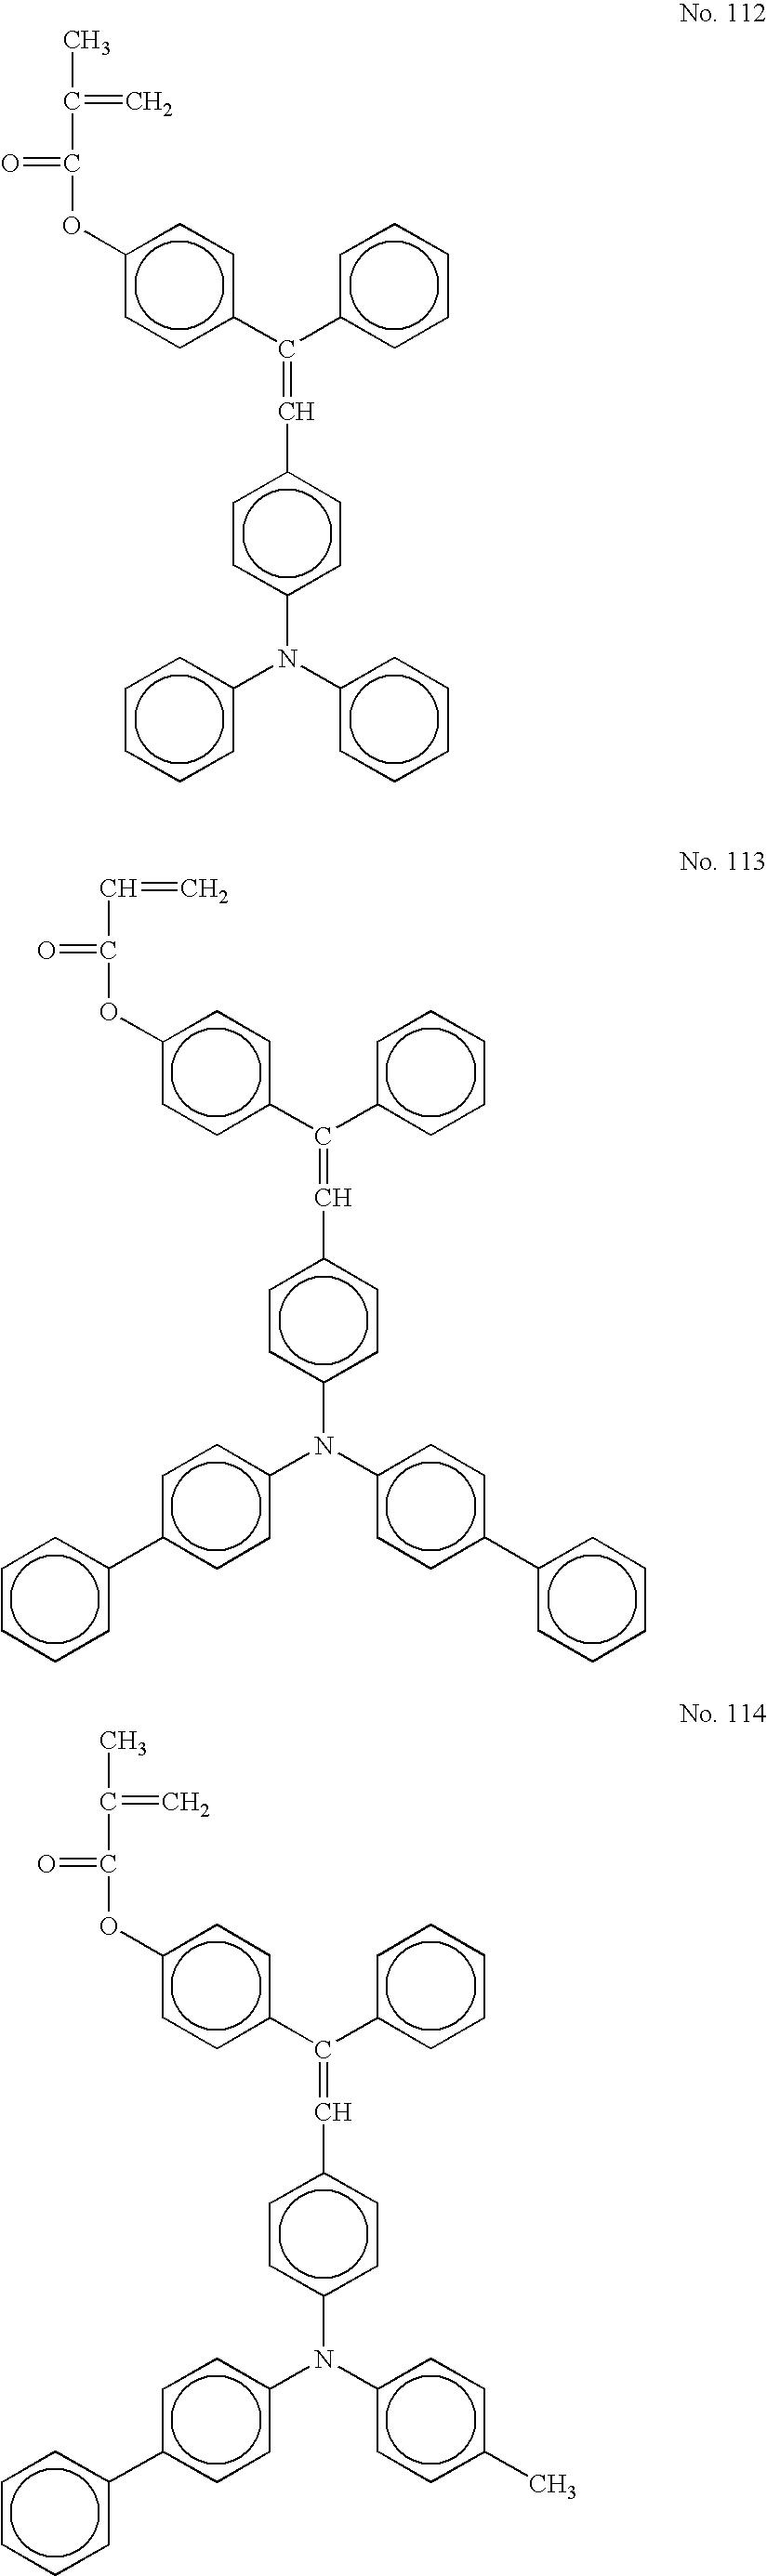 Figure US20050175911A1-20050811-C00040